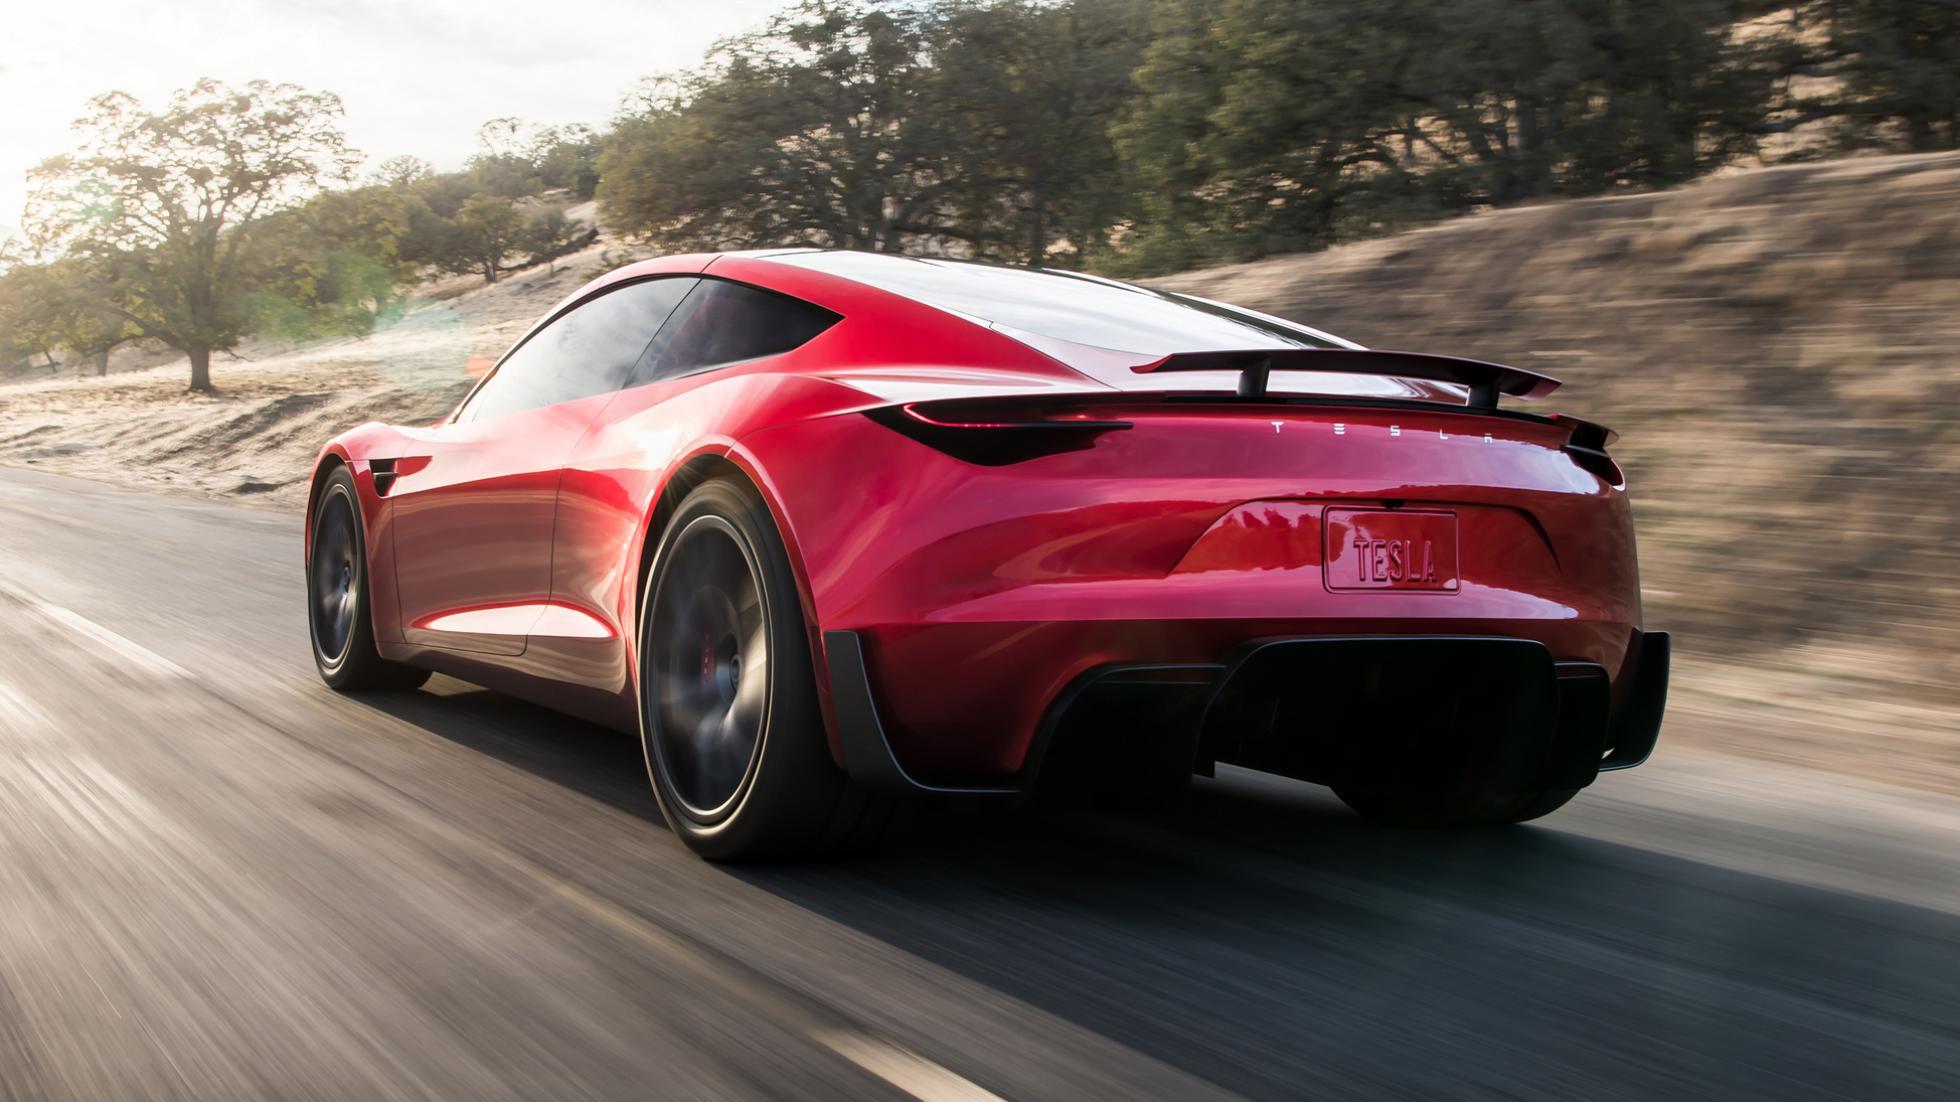 Tesla apresenta novo Roadster que será o carro mais veloz do mundo